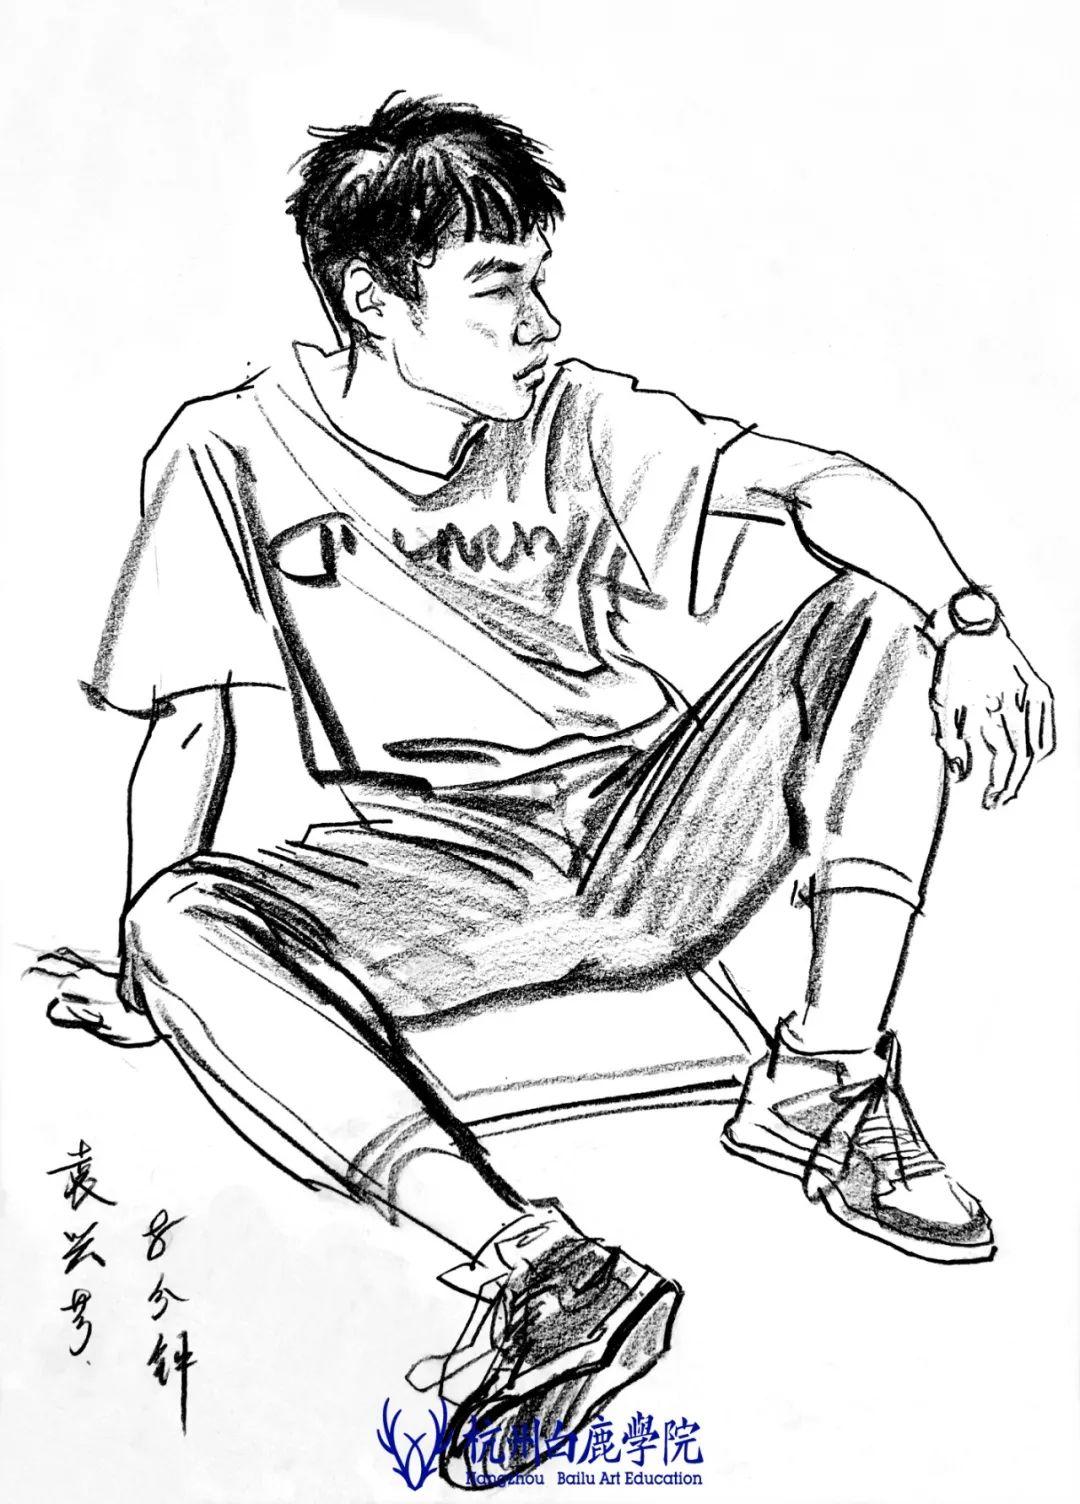 杭州白鹿画室,杭州美术校考,中国美术学院       13